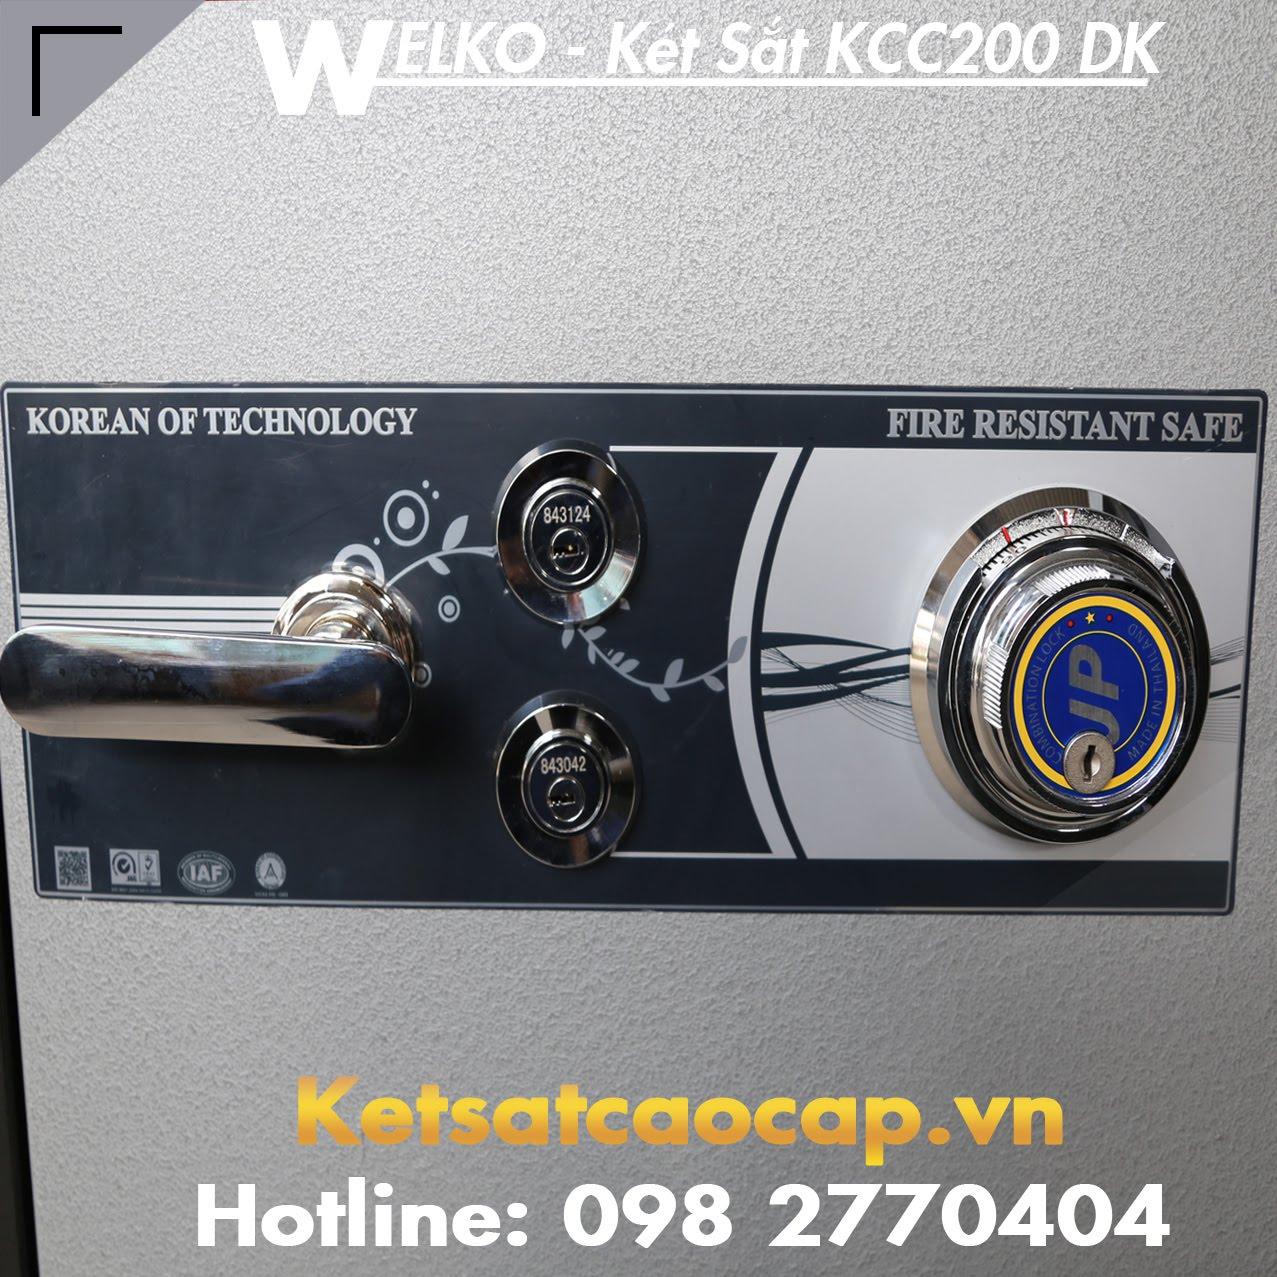 khoá két sắt phổ biến trên thị trường